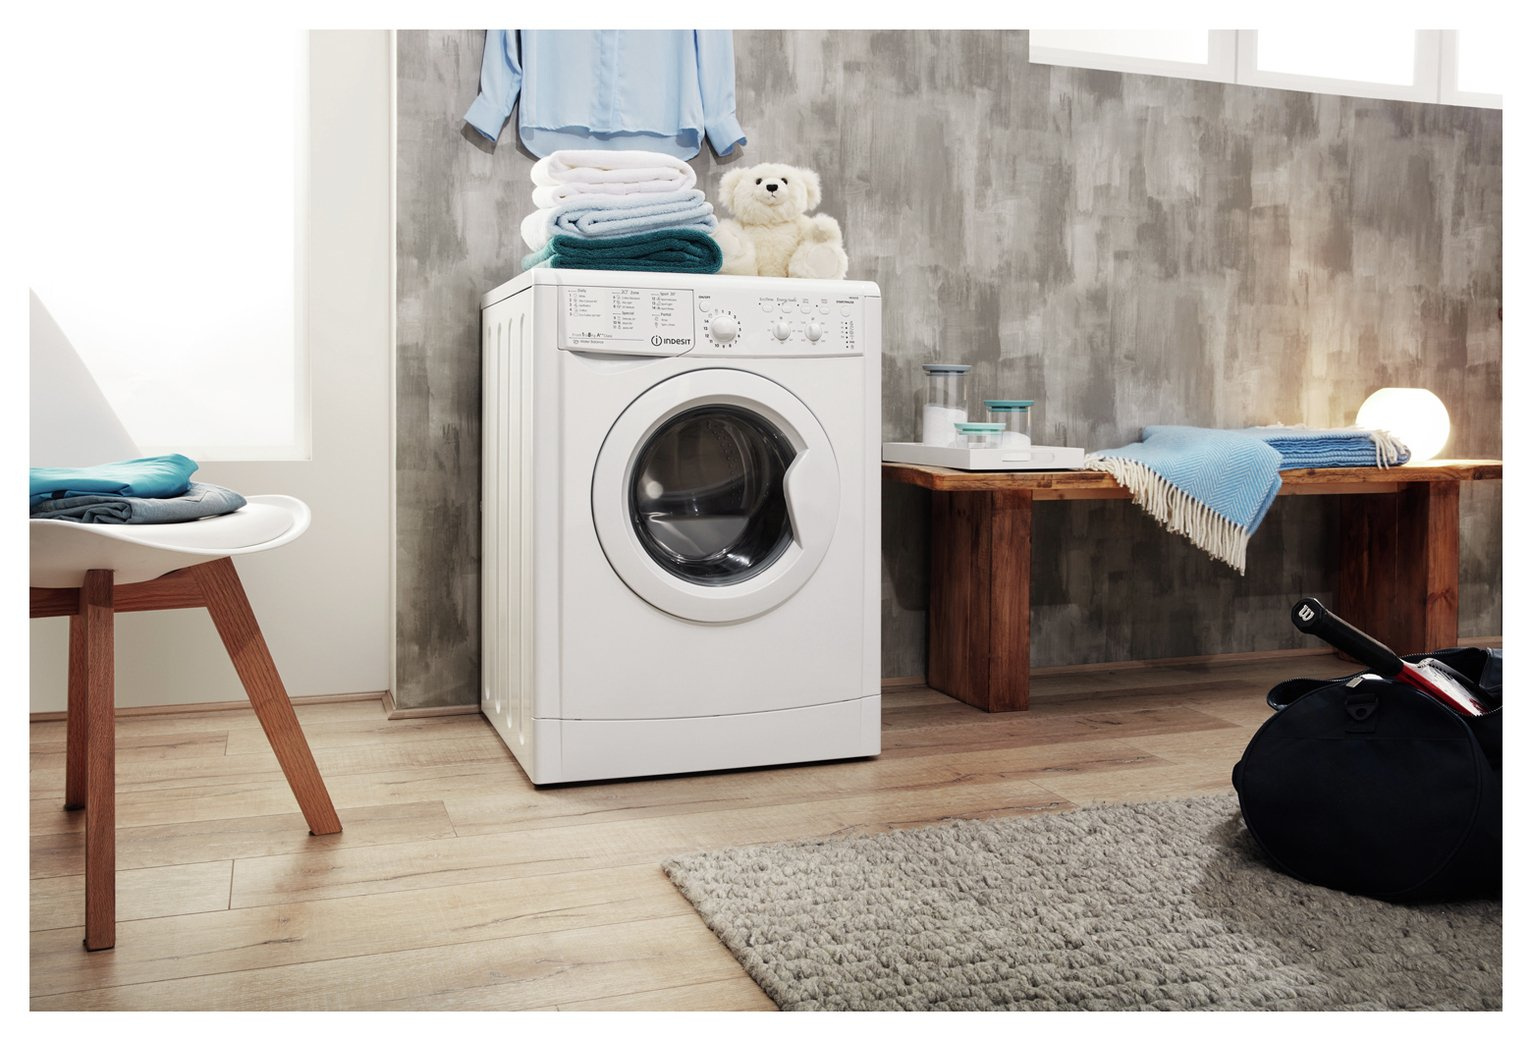 Indesit IWC81252ECO 8KG Washing Machine Reviews